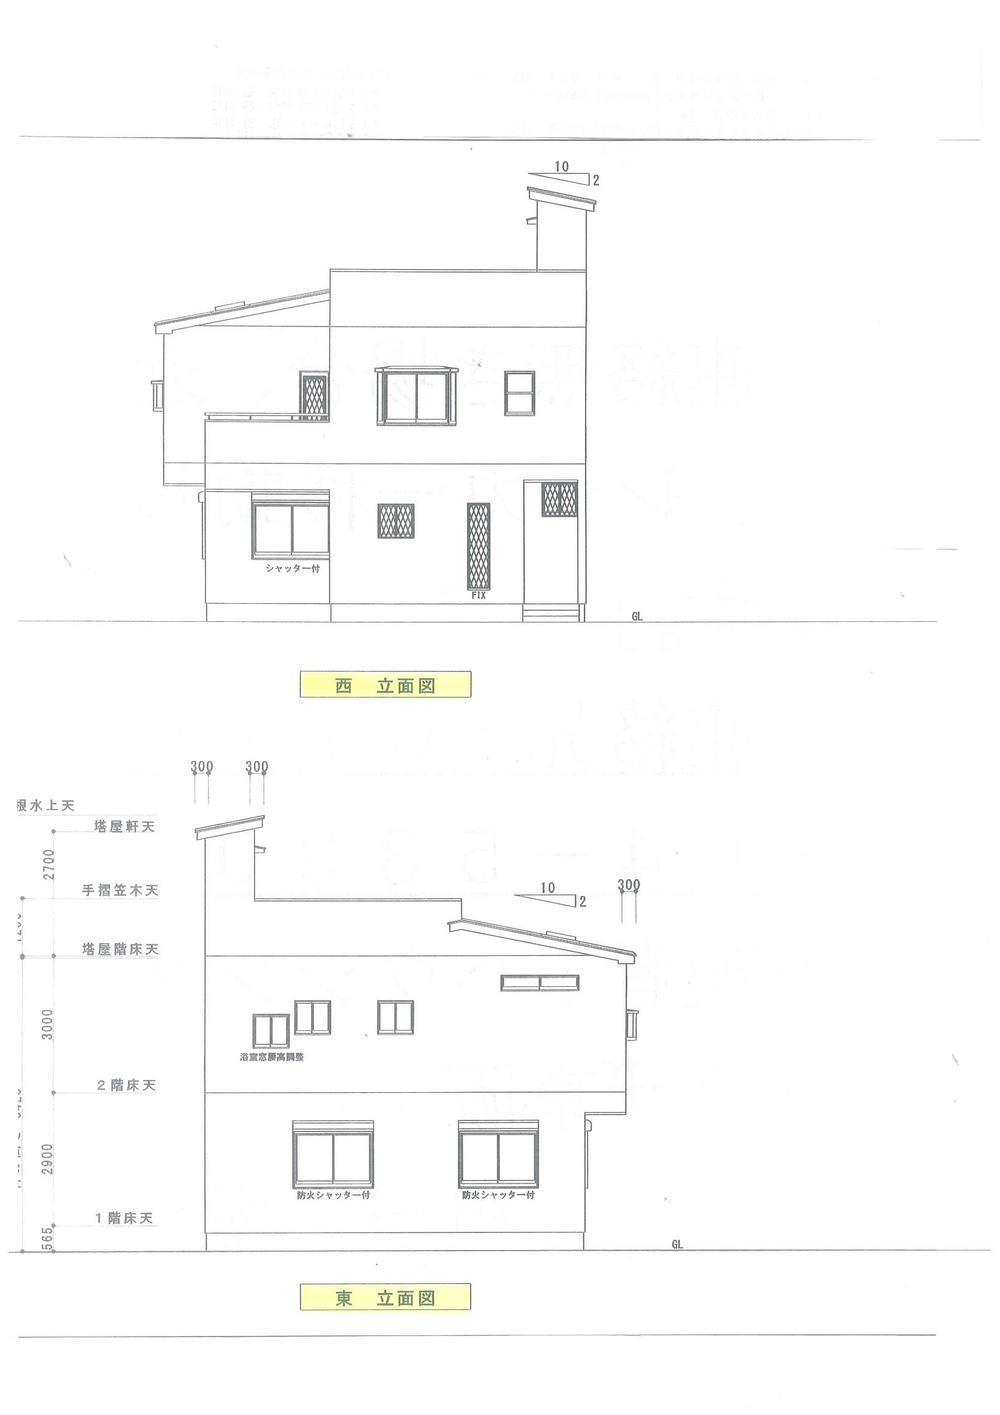 建物プラン例(B号地)建物価格1760万円、建物面積105.8m<sup>2</sup>